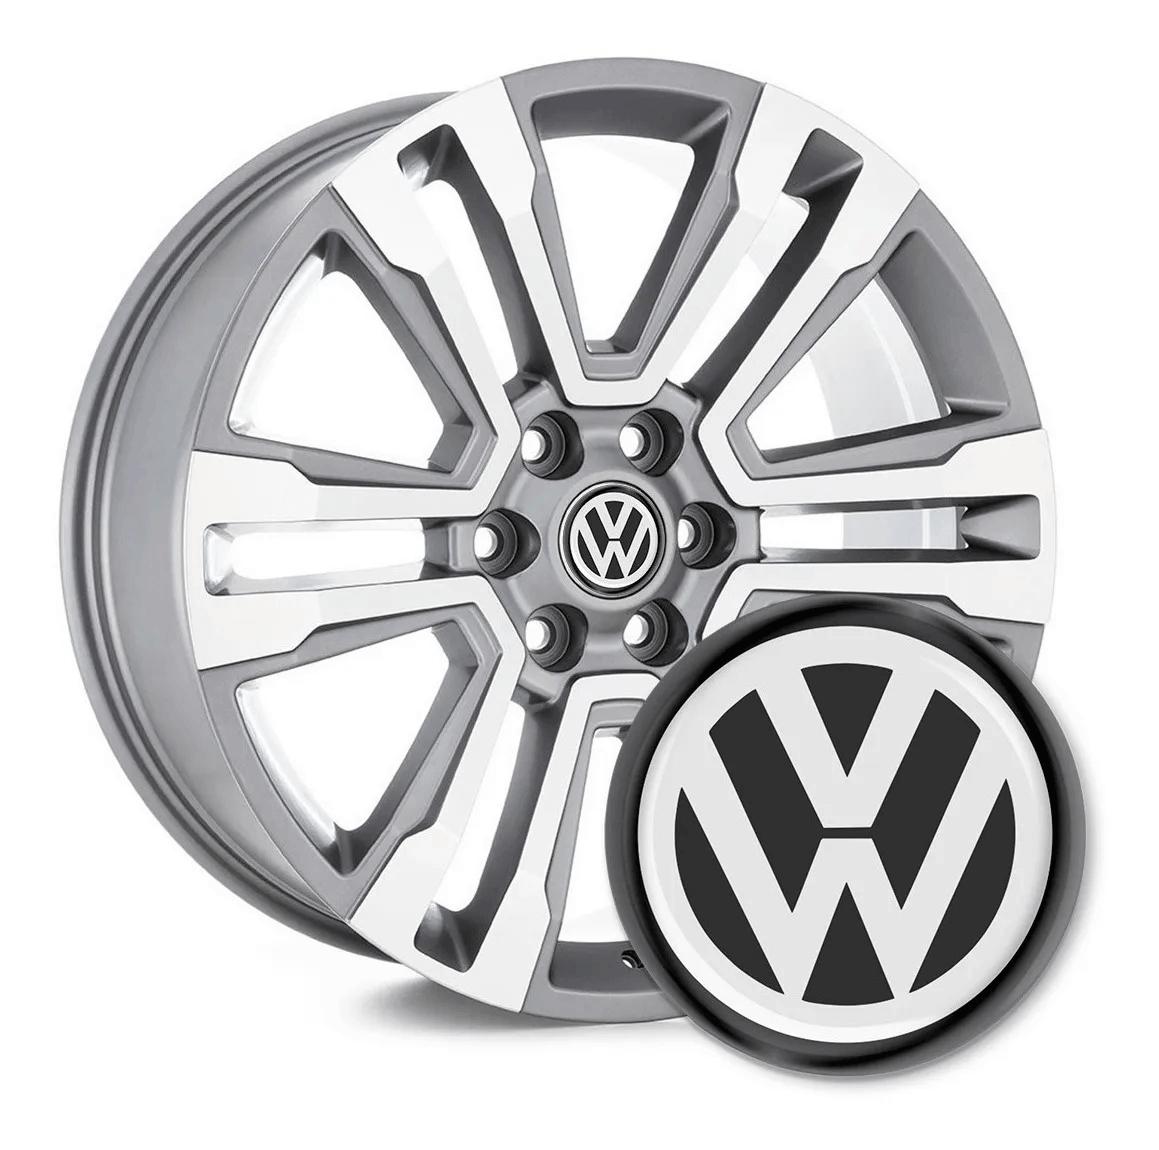 4 Emblemas Resinado Volkswagen p/ calota - 48mm